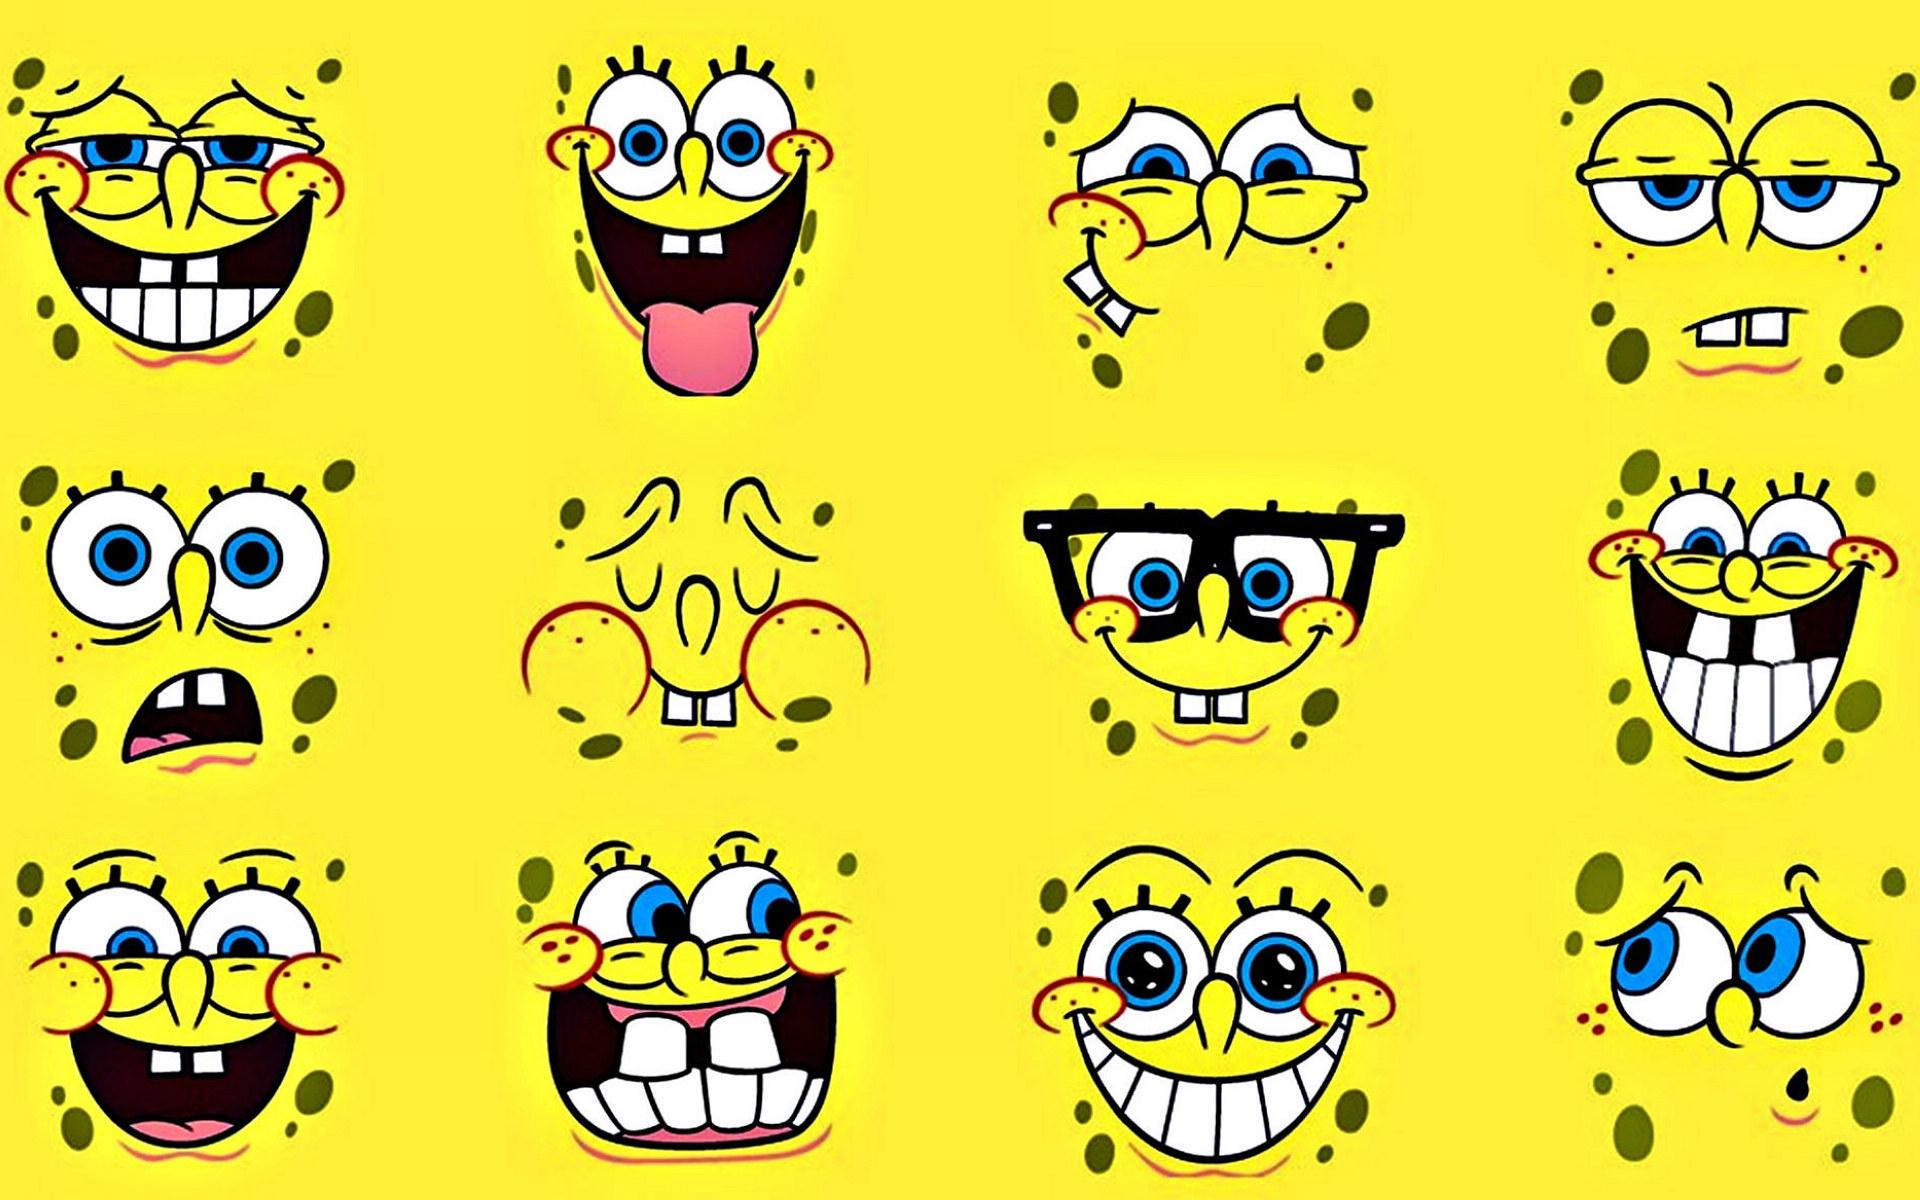 表情 黄色方块海绵海绵宝宝高清电脑壁纸下载 2 动漫新闻 动漫论坛 动漫美图  表情